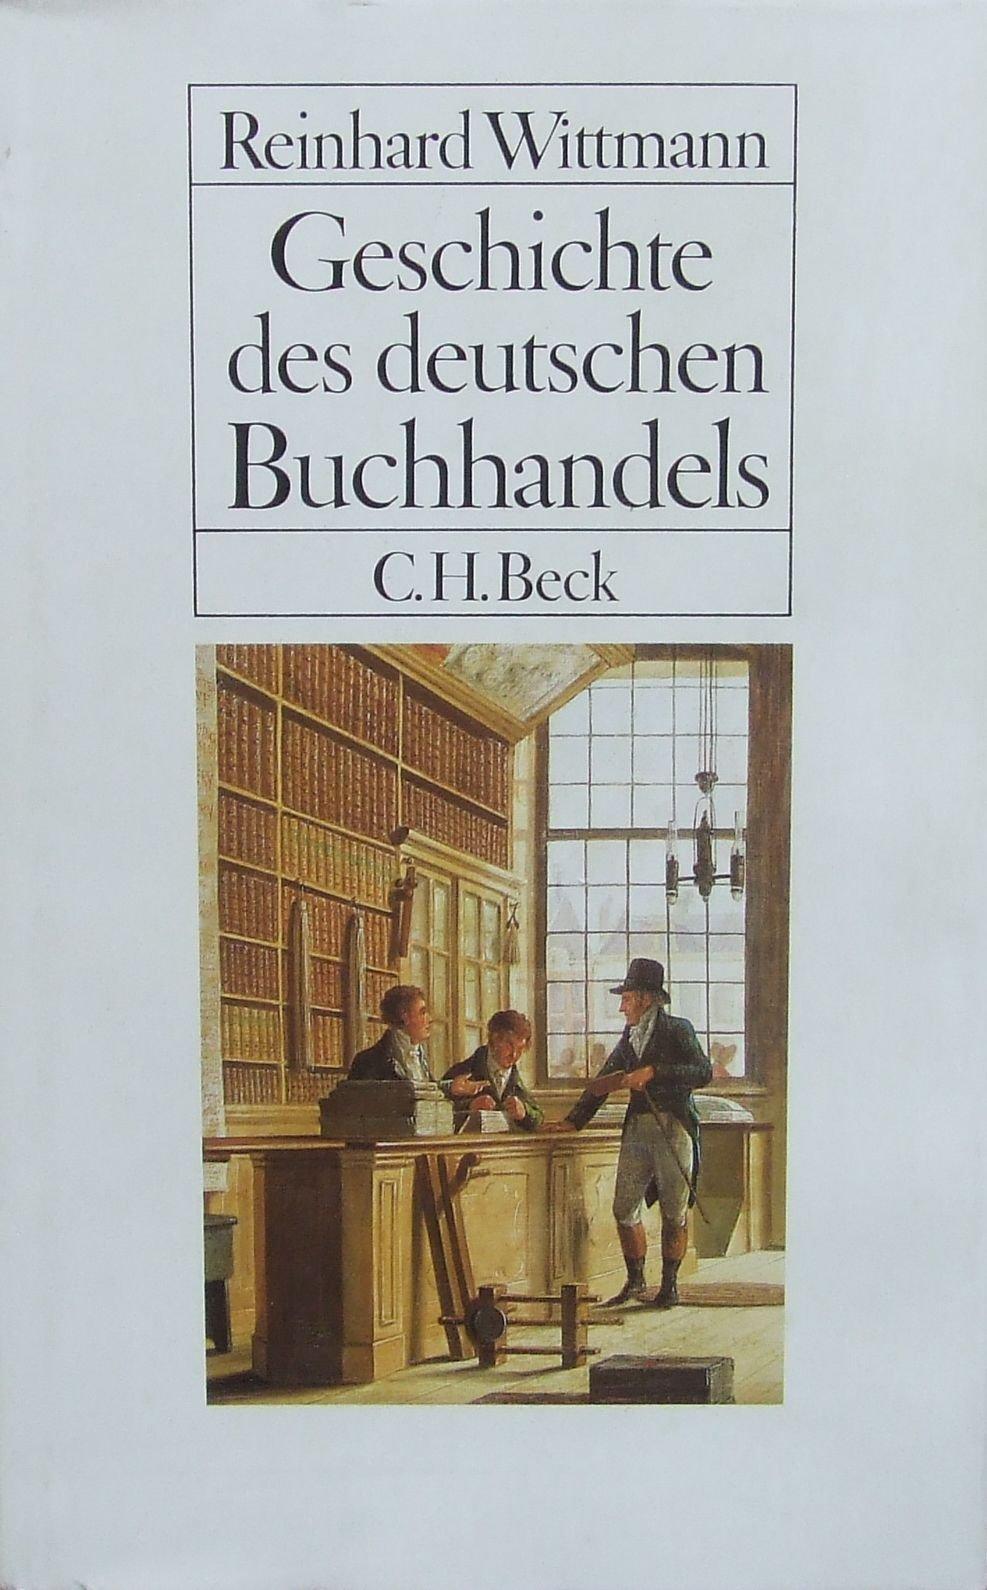 Geschichte des deutschen Buchhandels Gebundenes Buch – 1991 Reinhard Wittmann C.H. Beck Verlag 3406354254 MAK_GD_9783406354250